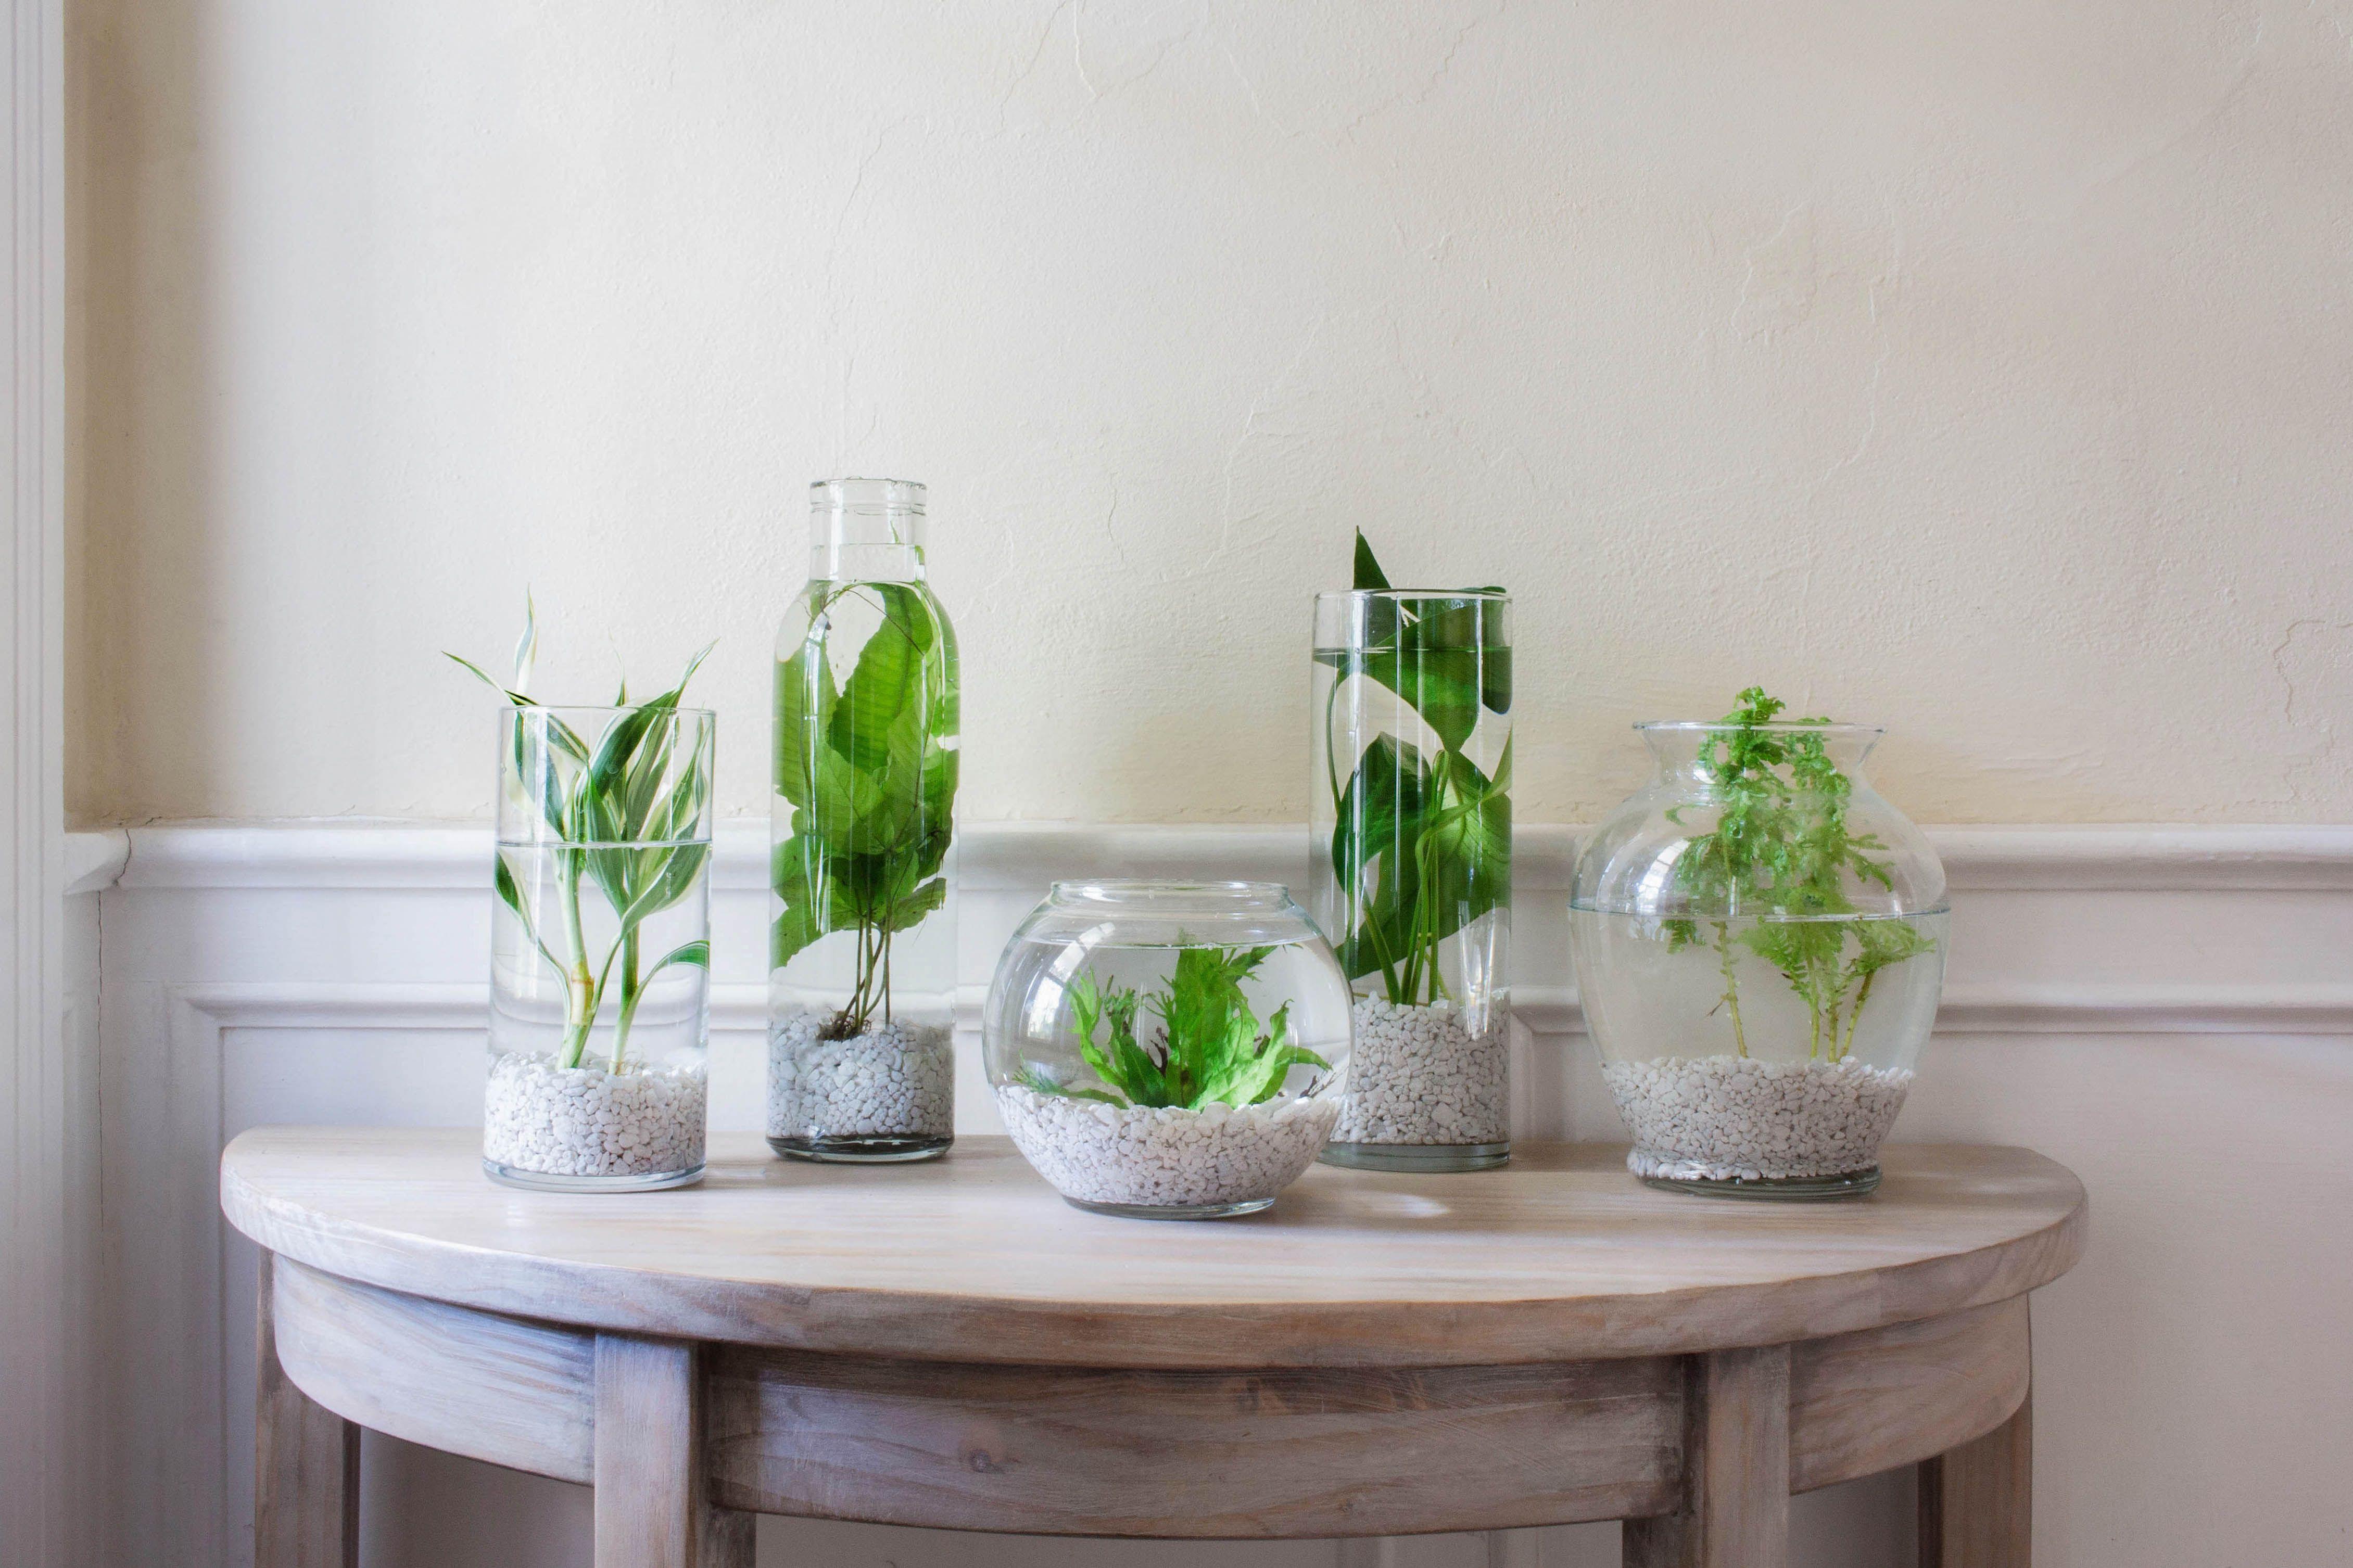 Indoor Water Garden Plants And Ideas To Get You Started Hunker Indoor Water Garden Water Garden Plants Indoor Water Features